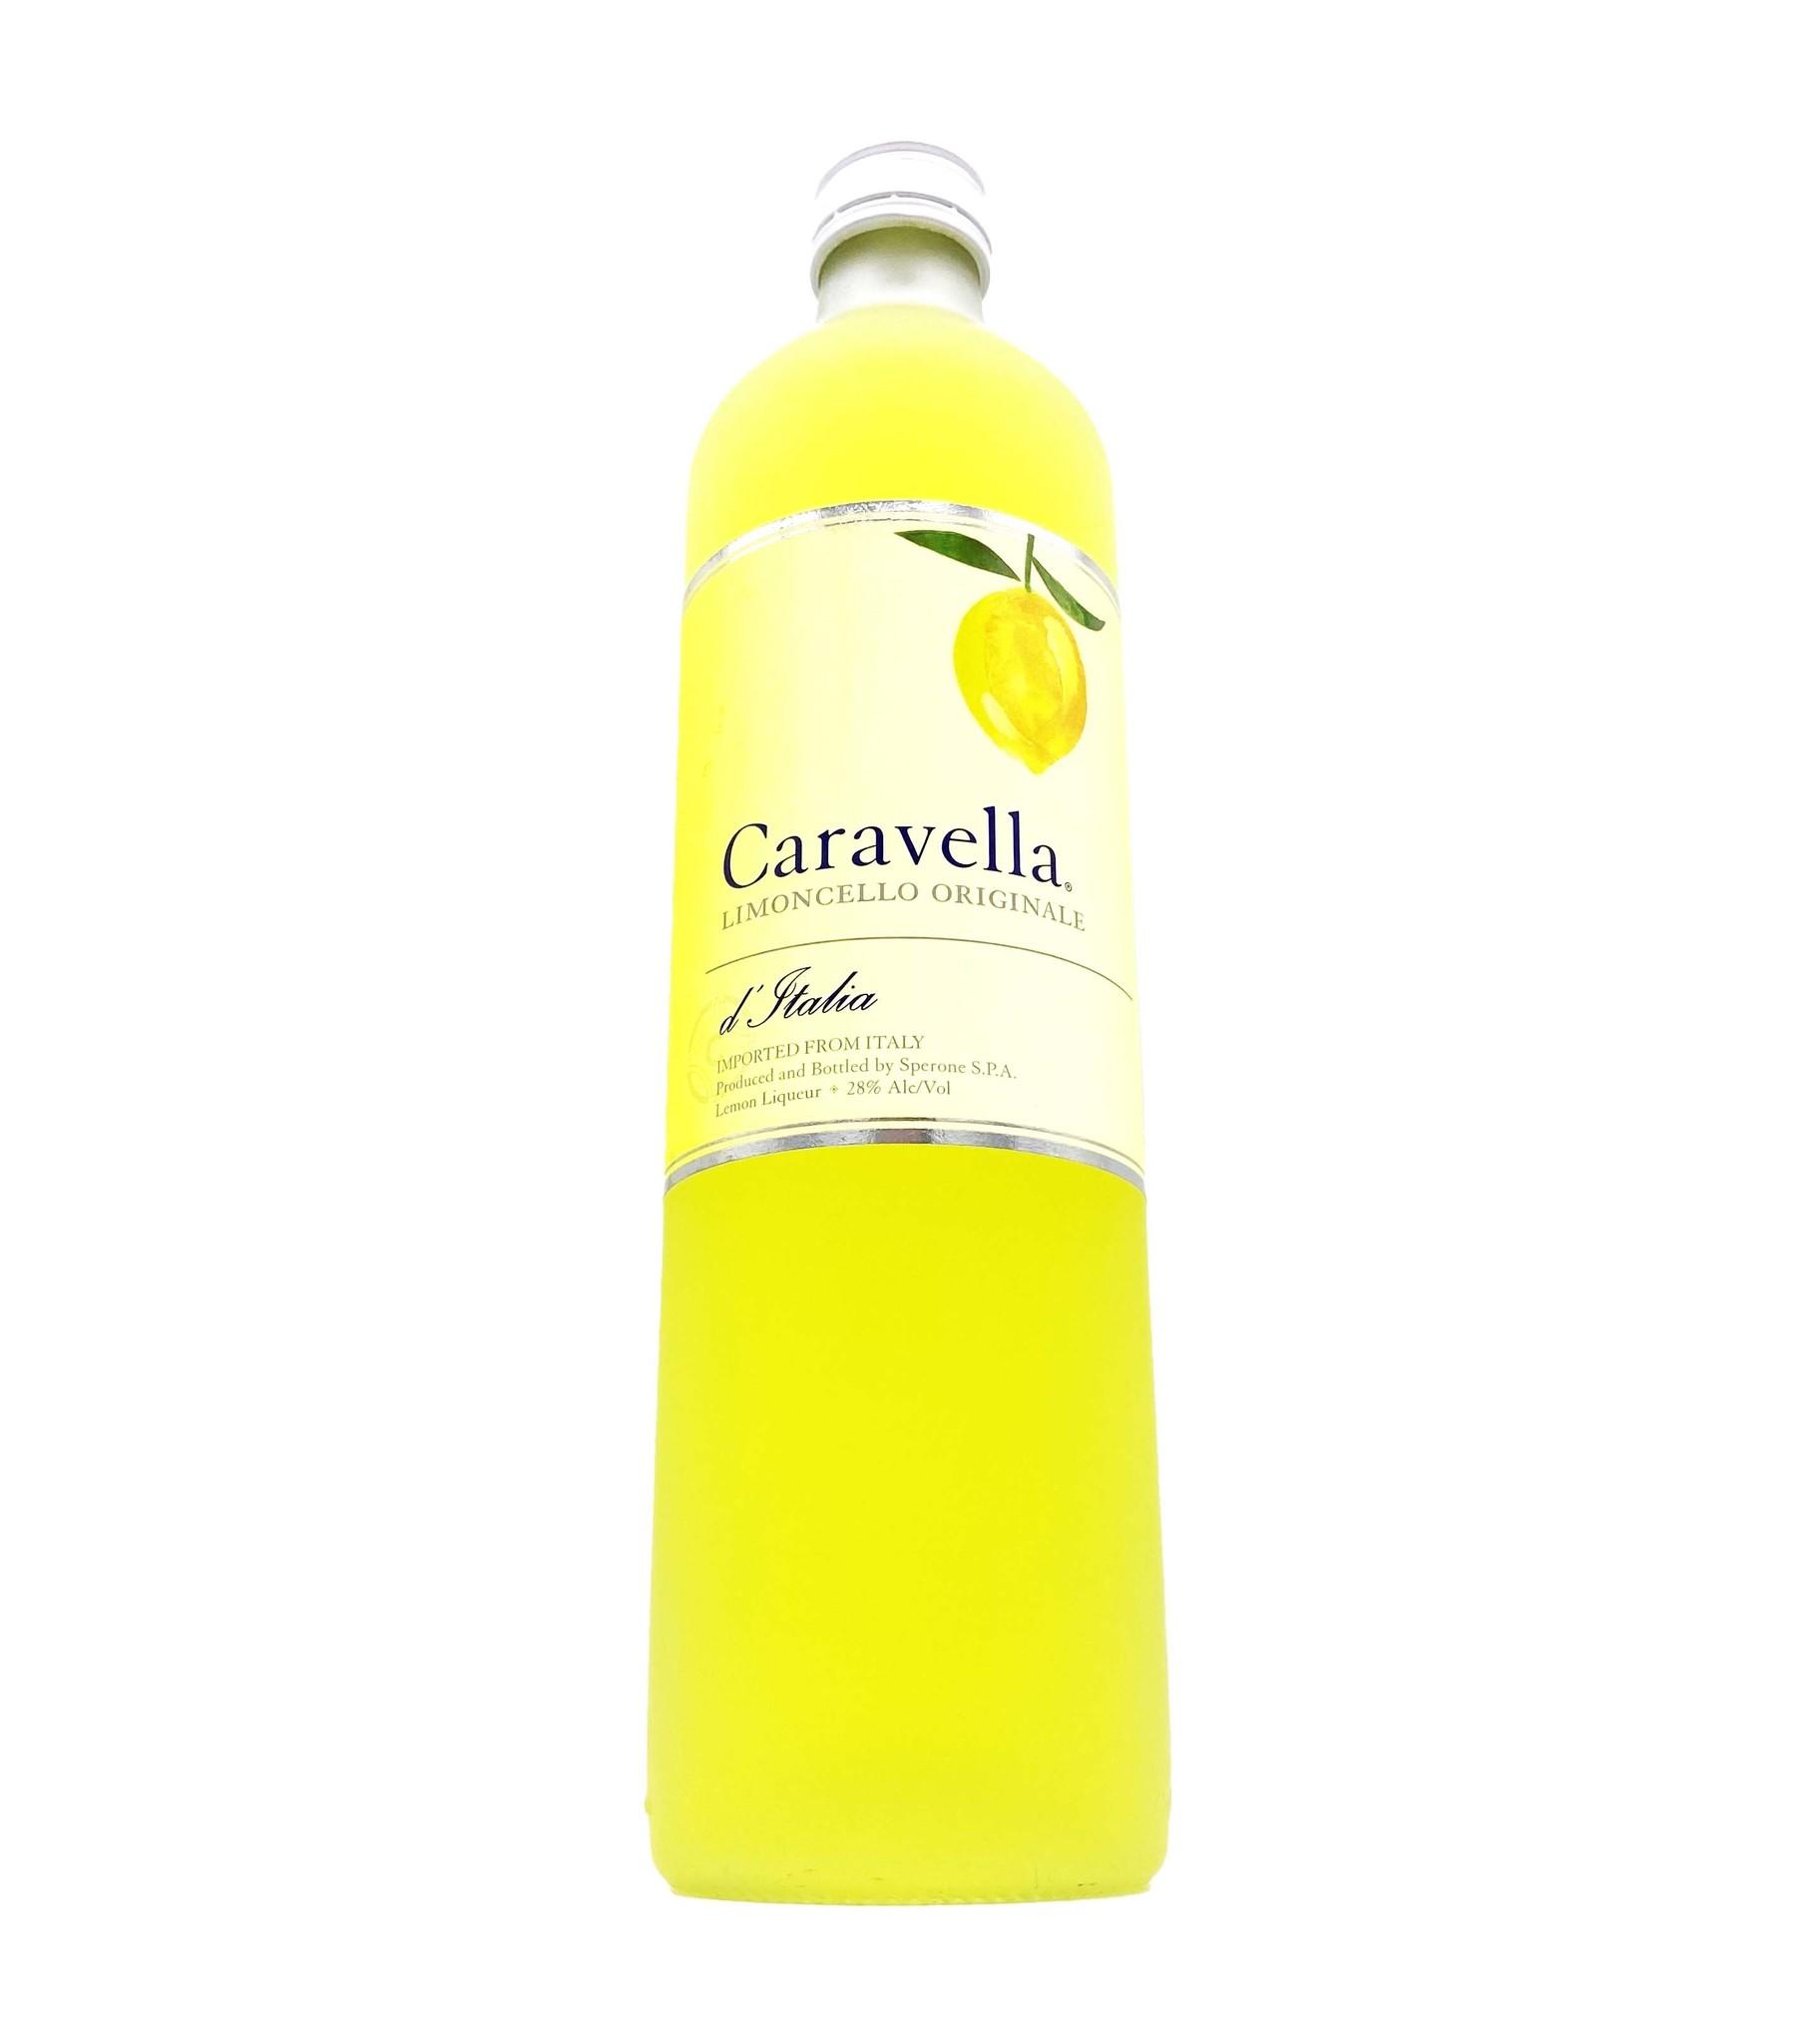 Caravella Limoncello .750